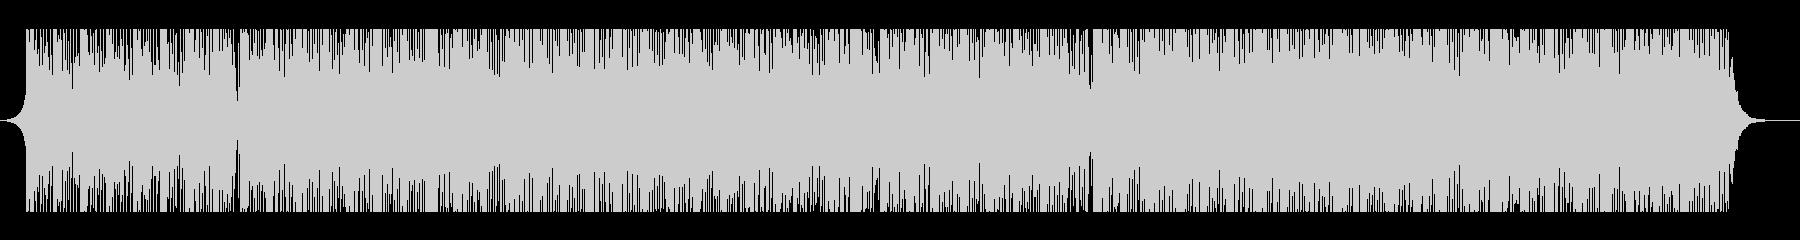 インスピレーション技術の未再生の波形